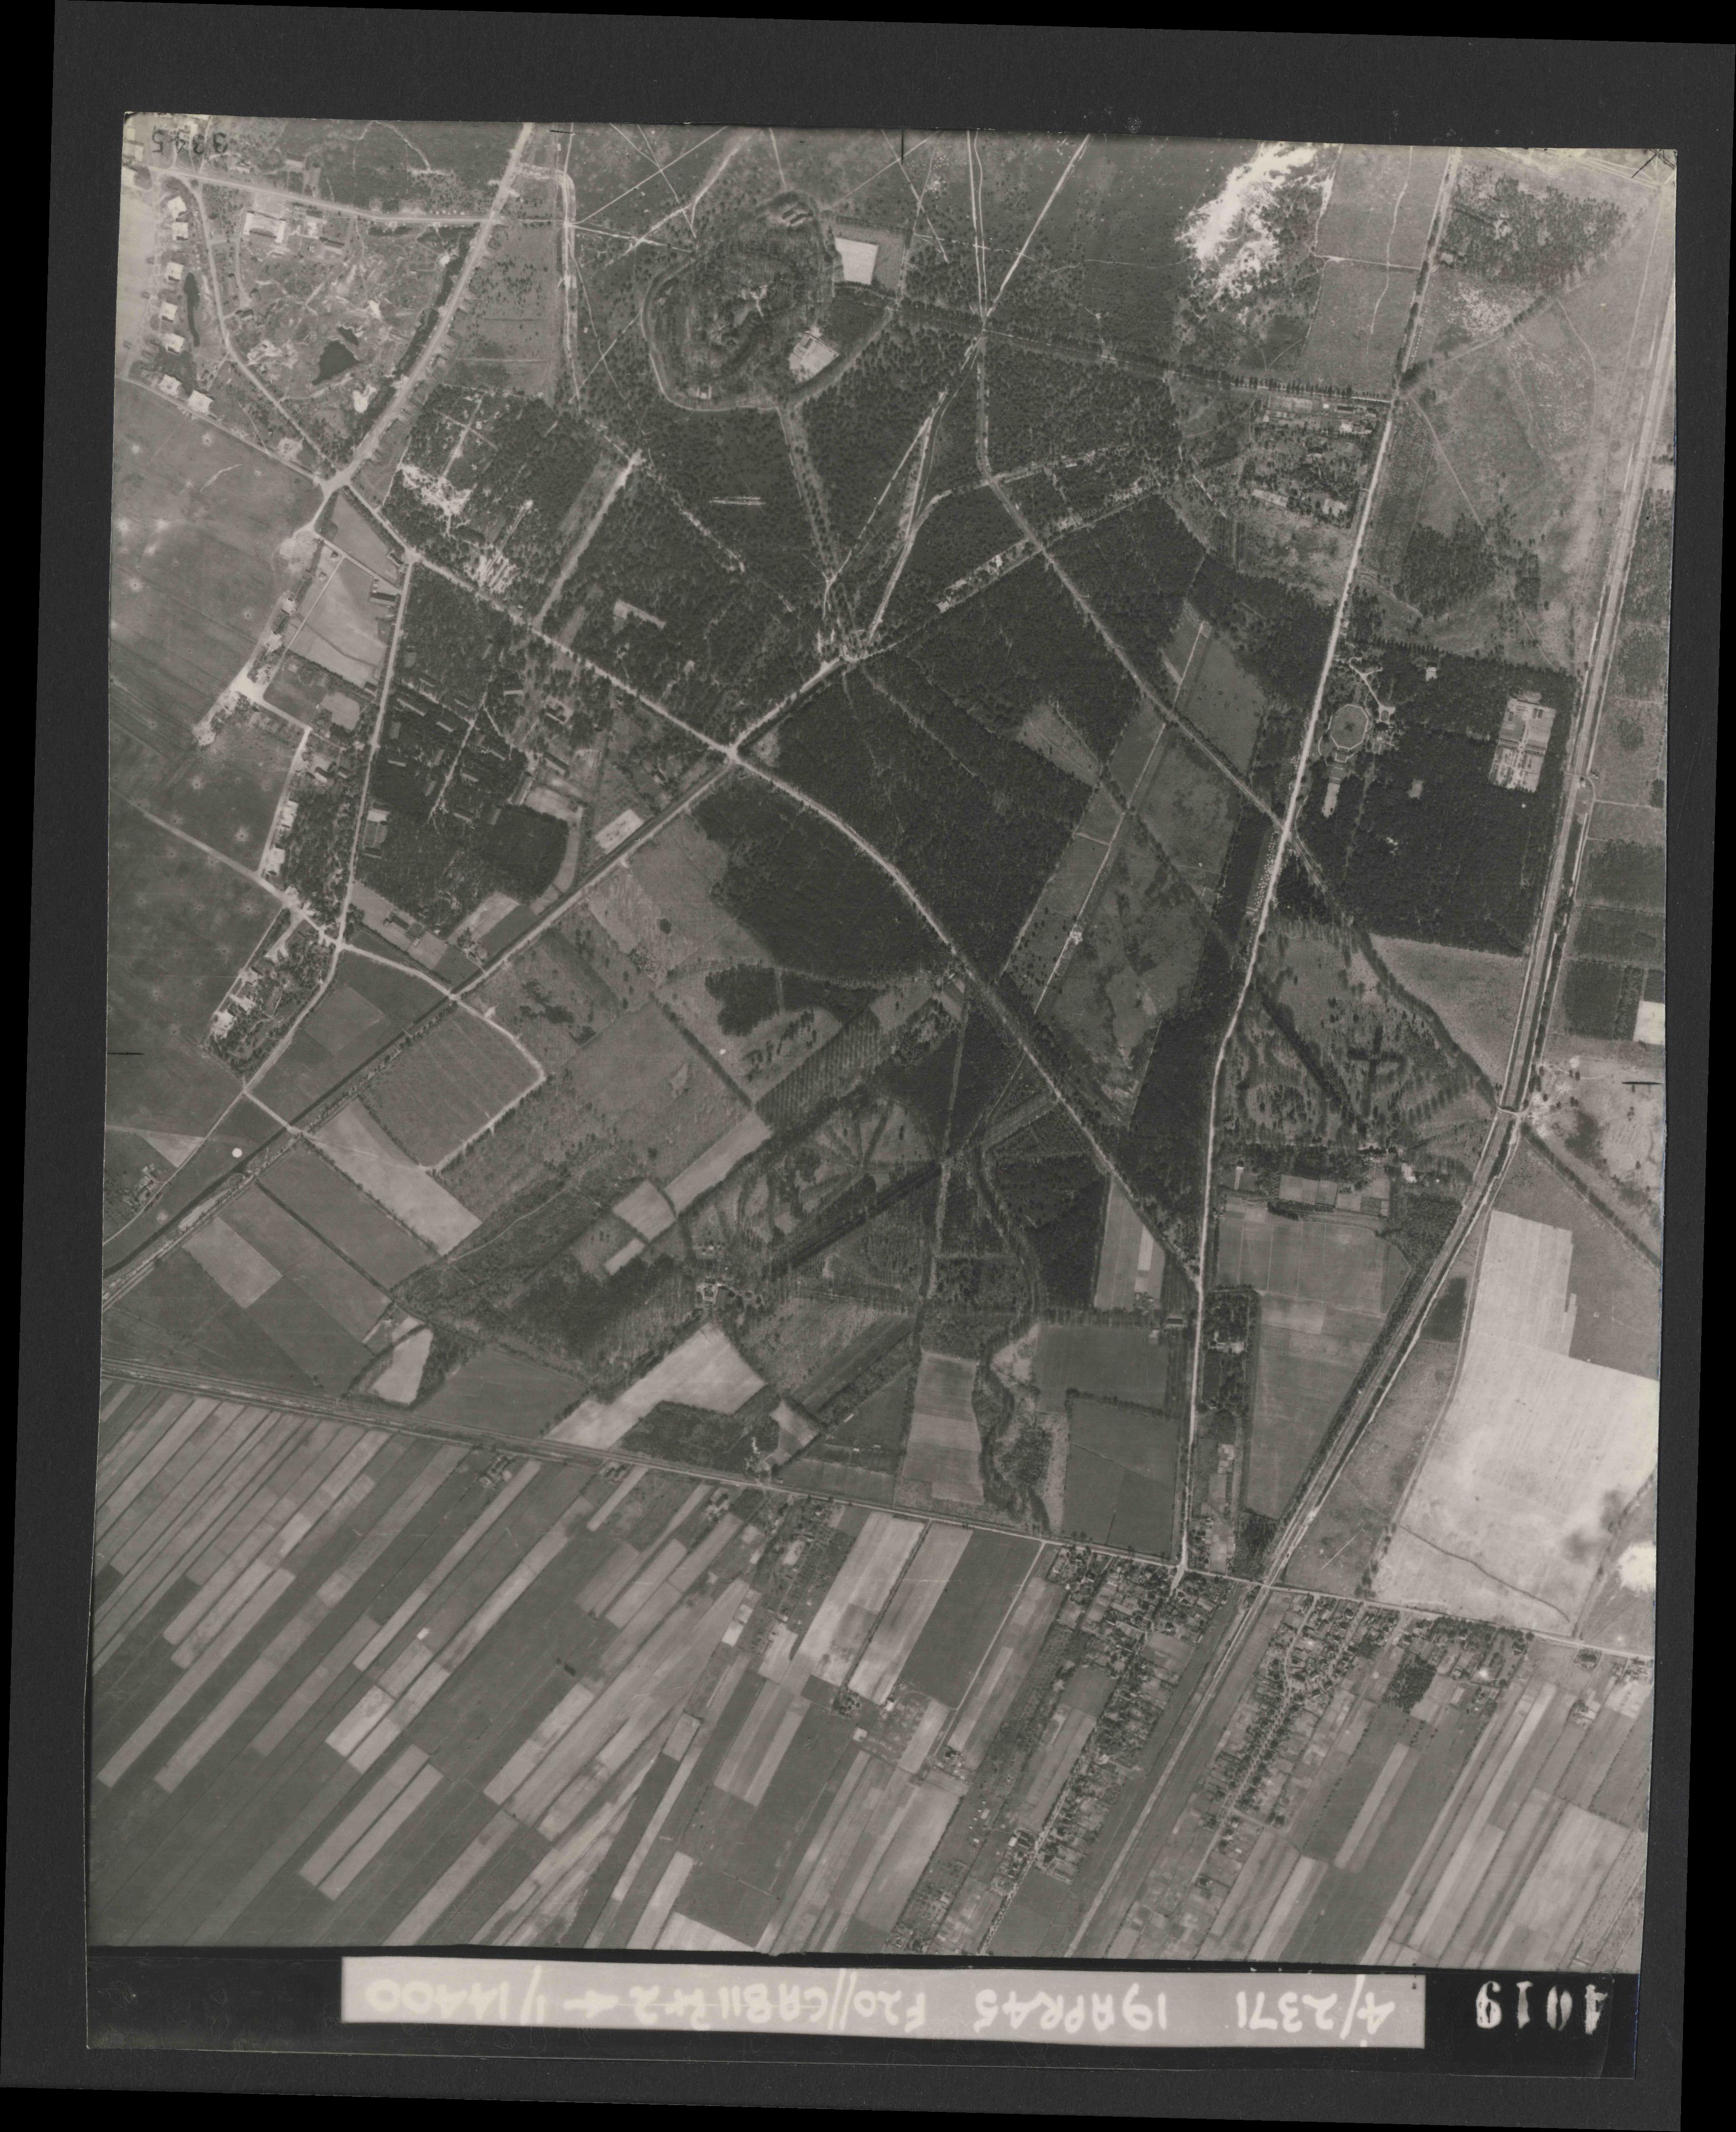 Collection RAF aerial photos 1940-1945 - flight 305, run 02, photo 4019